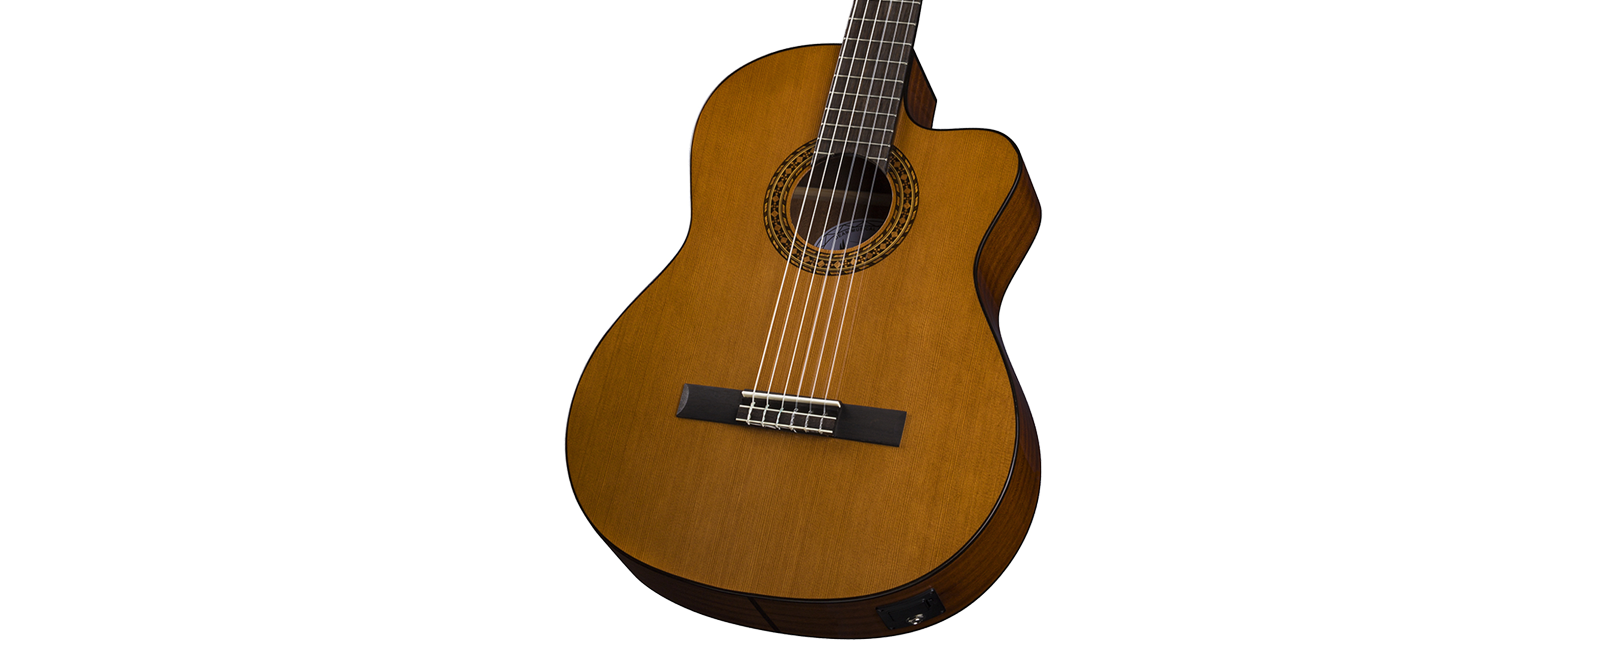 Dean Espana Classical Plus Cutaway Solid Top